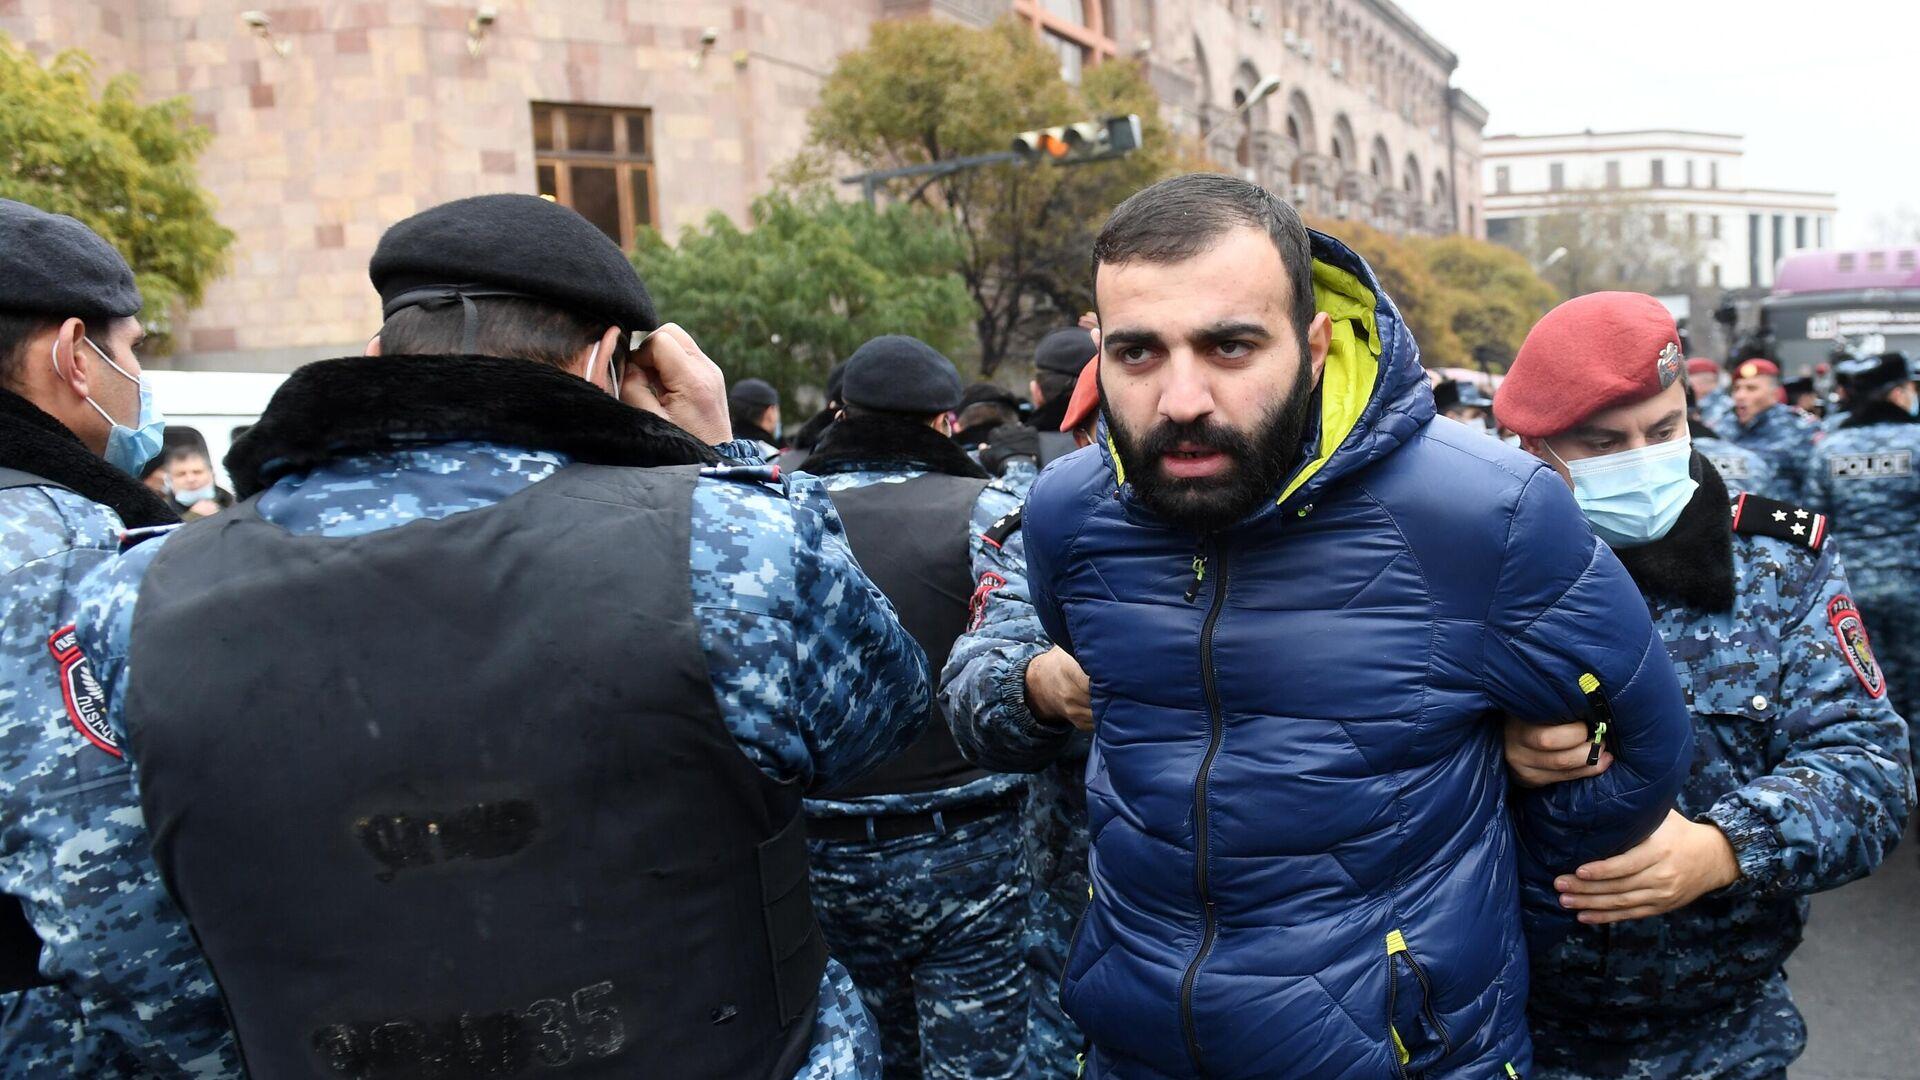 Сотрудники полиции задерживают участников акции протеста в Ереване - РИА Новости, 1920, 11.12.2020